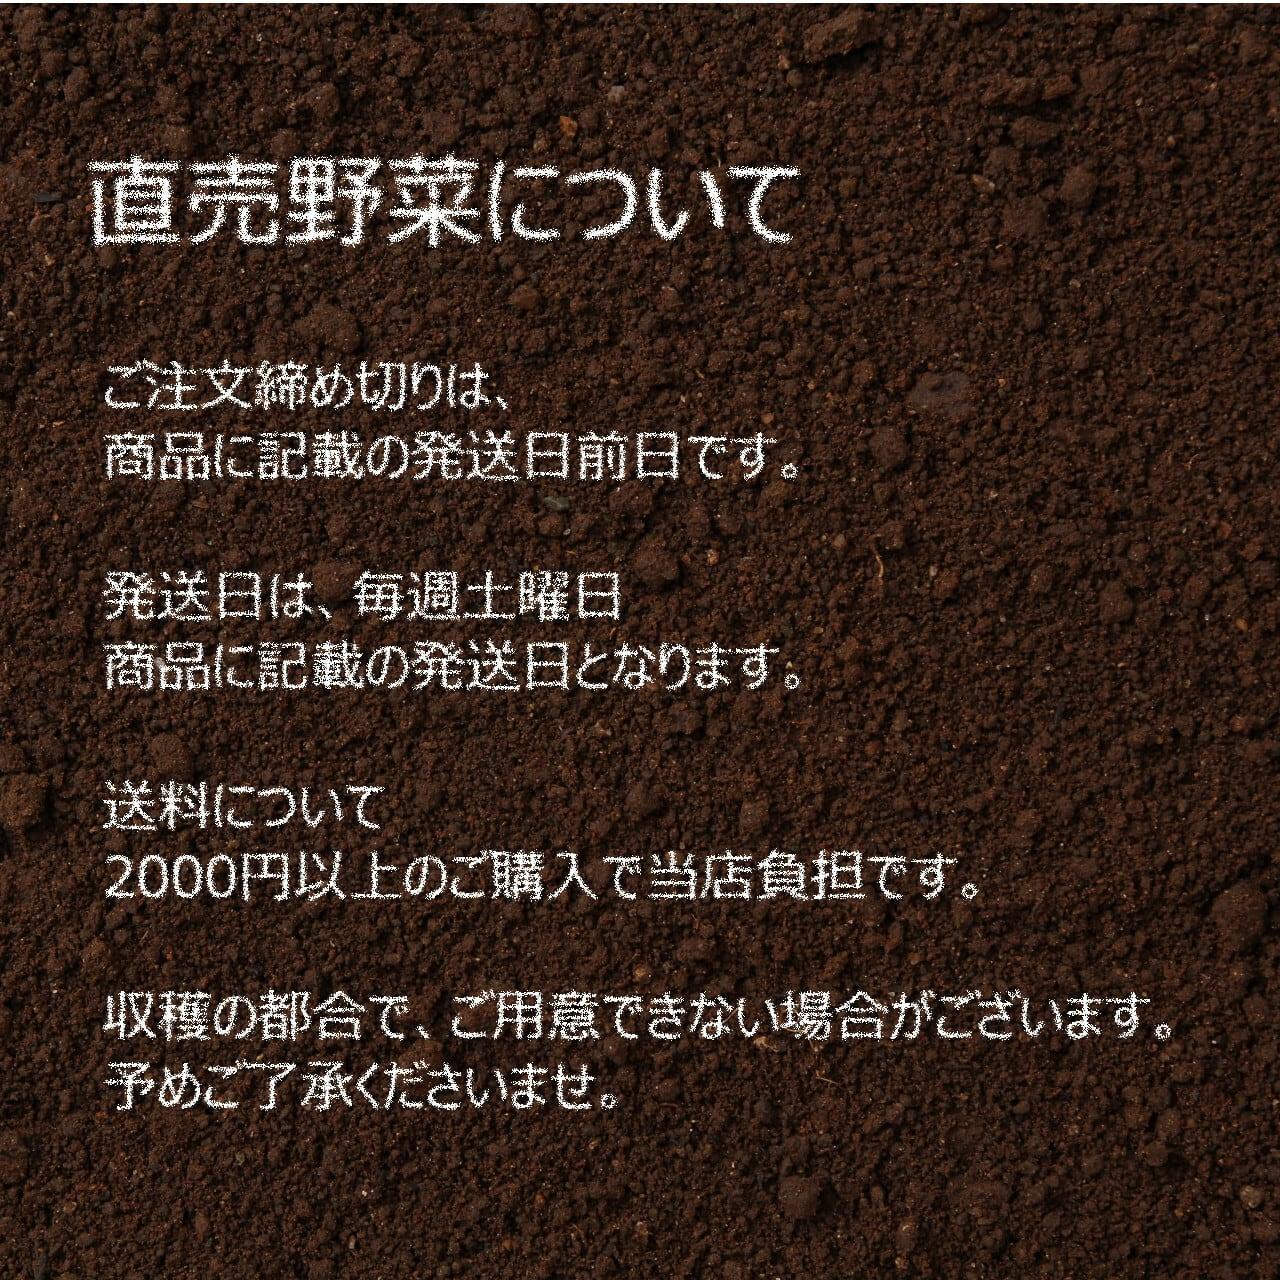 5月の朝採り直売野菜 とう菜 400g 春の新鮮野菜 5月2日発送予定